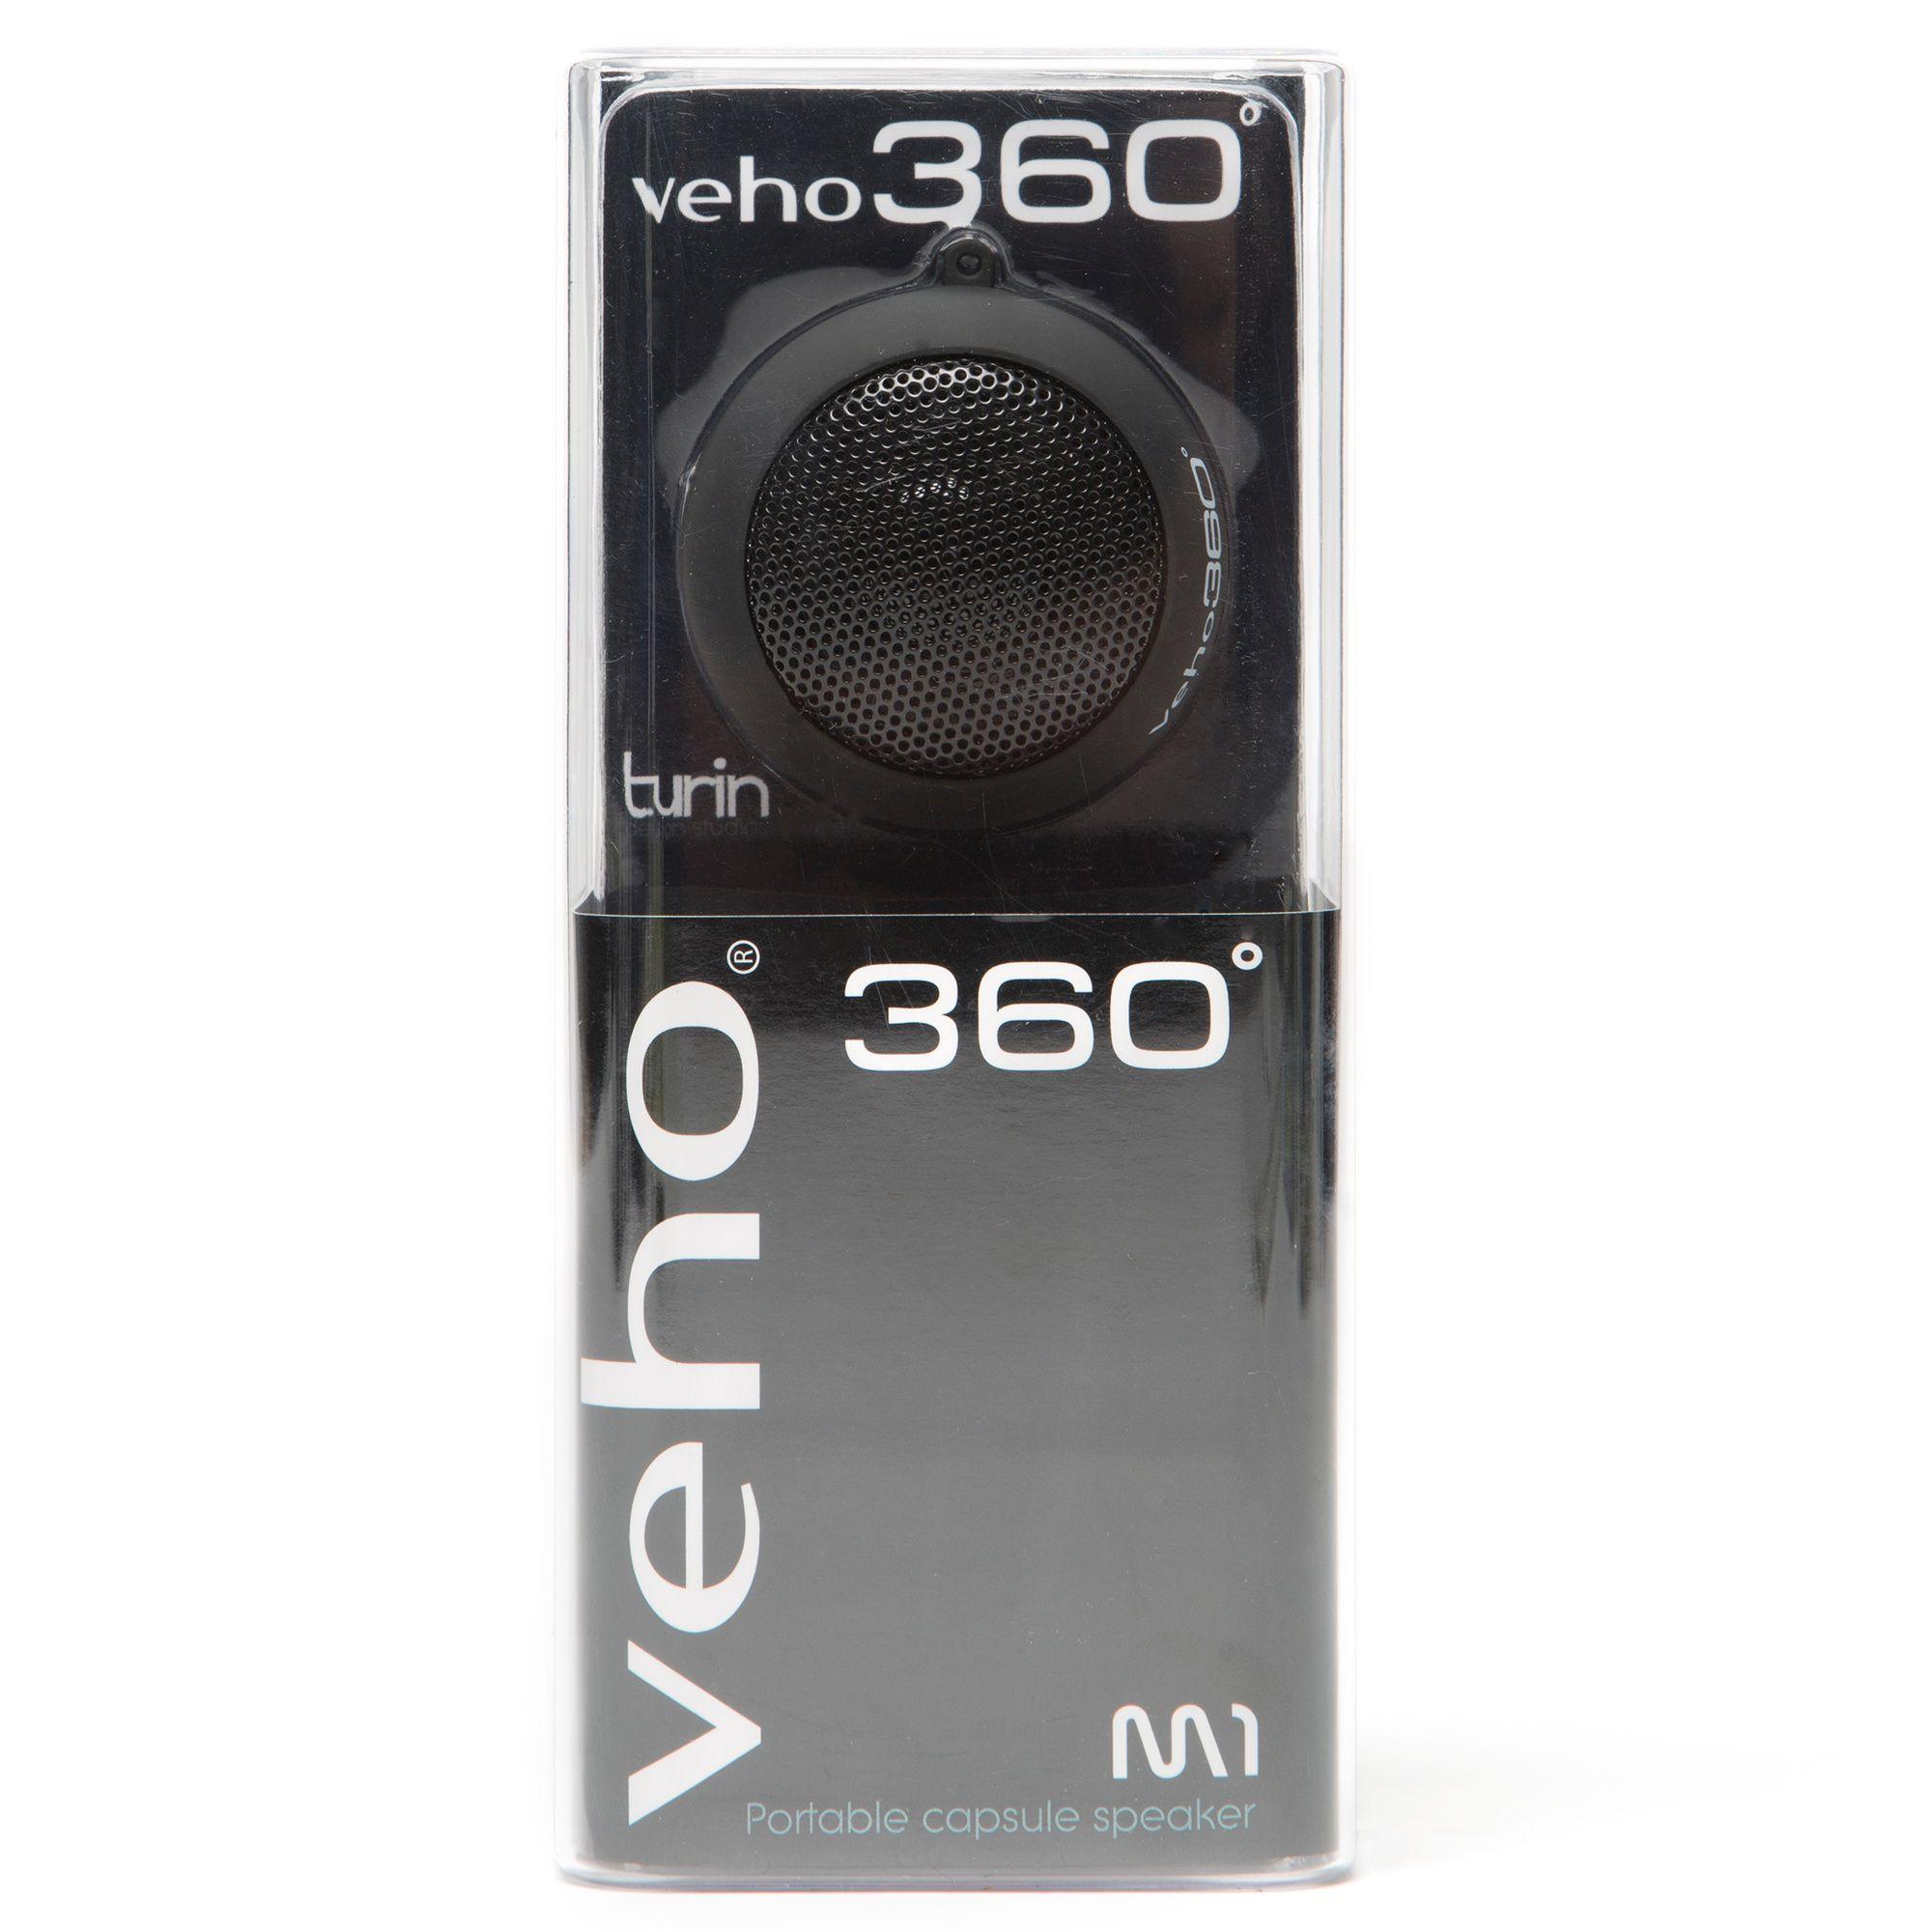 VEHO 360° M1 Portable Capsule Speaker